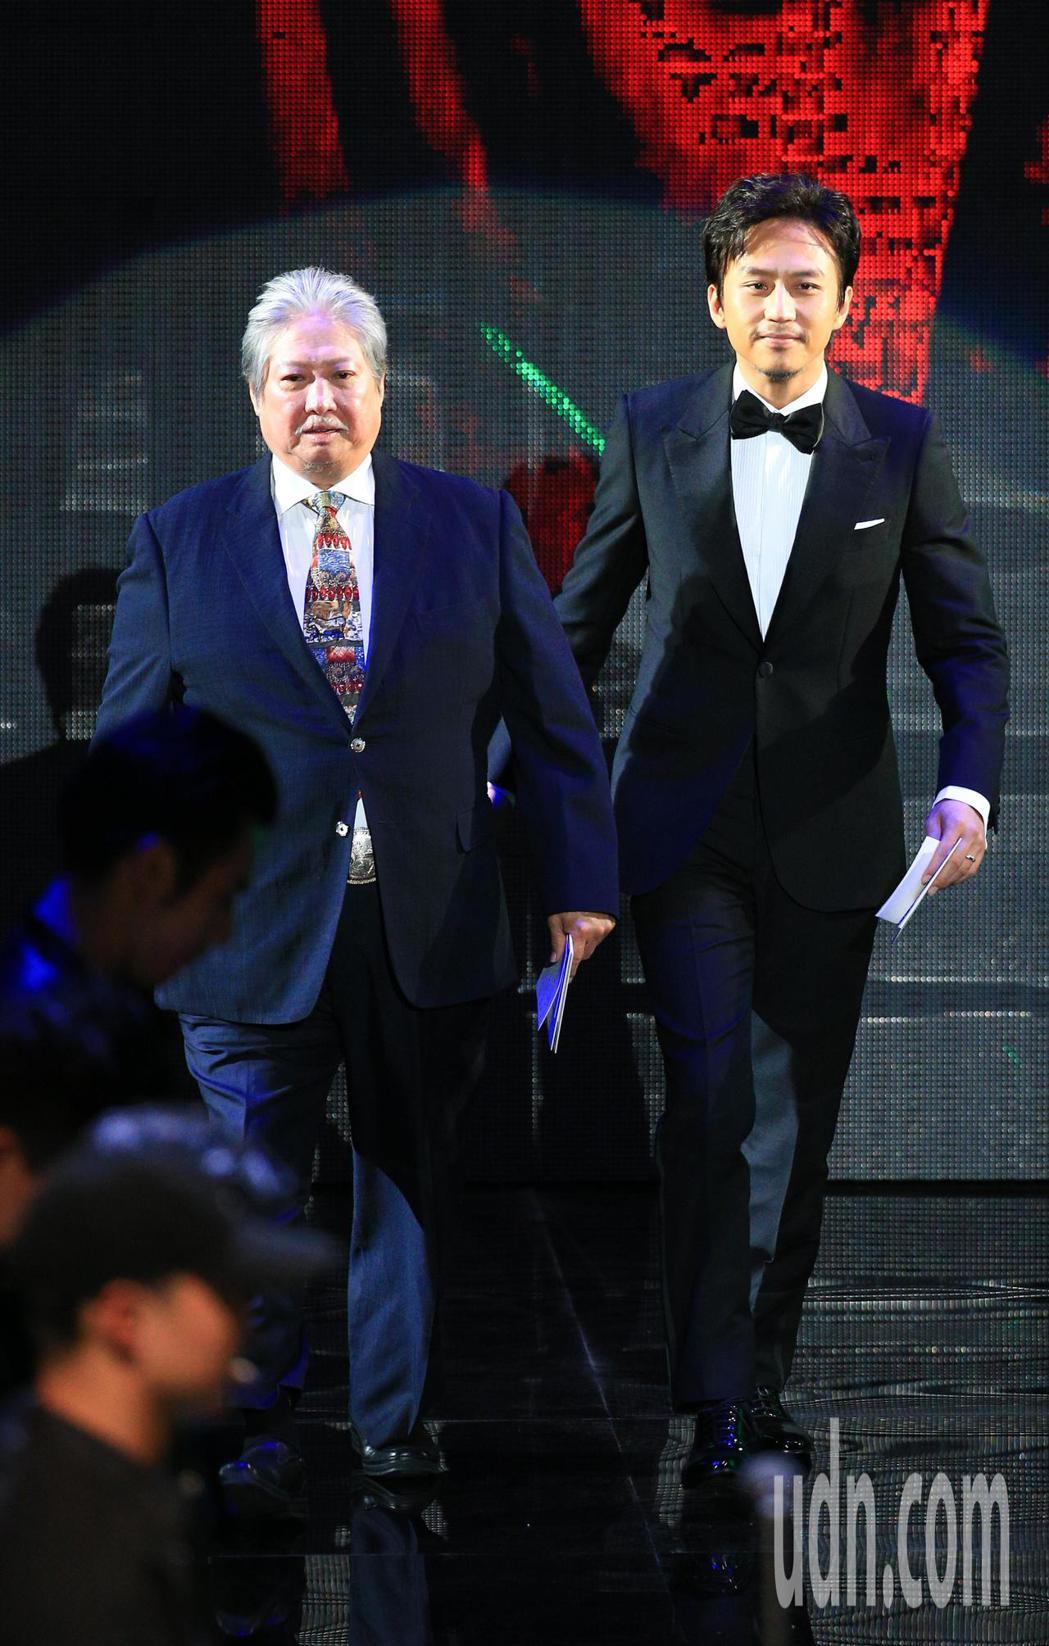 第55屆金馬獎頒獎典禮,洪金寶(左)、鄧超(右)擔任頒獎人。記者林伯東/攝影